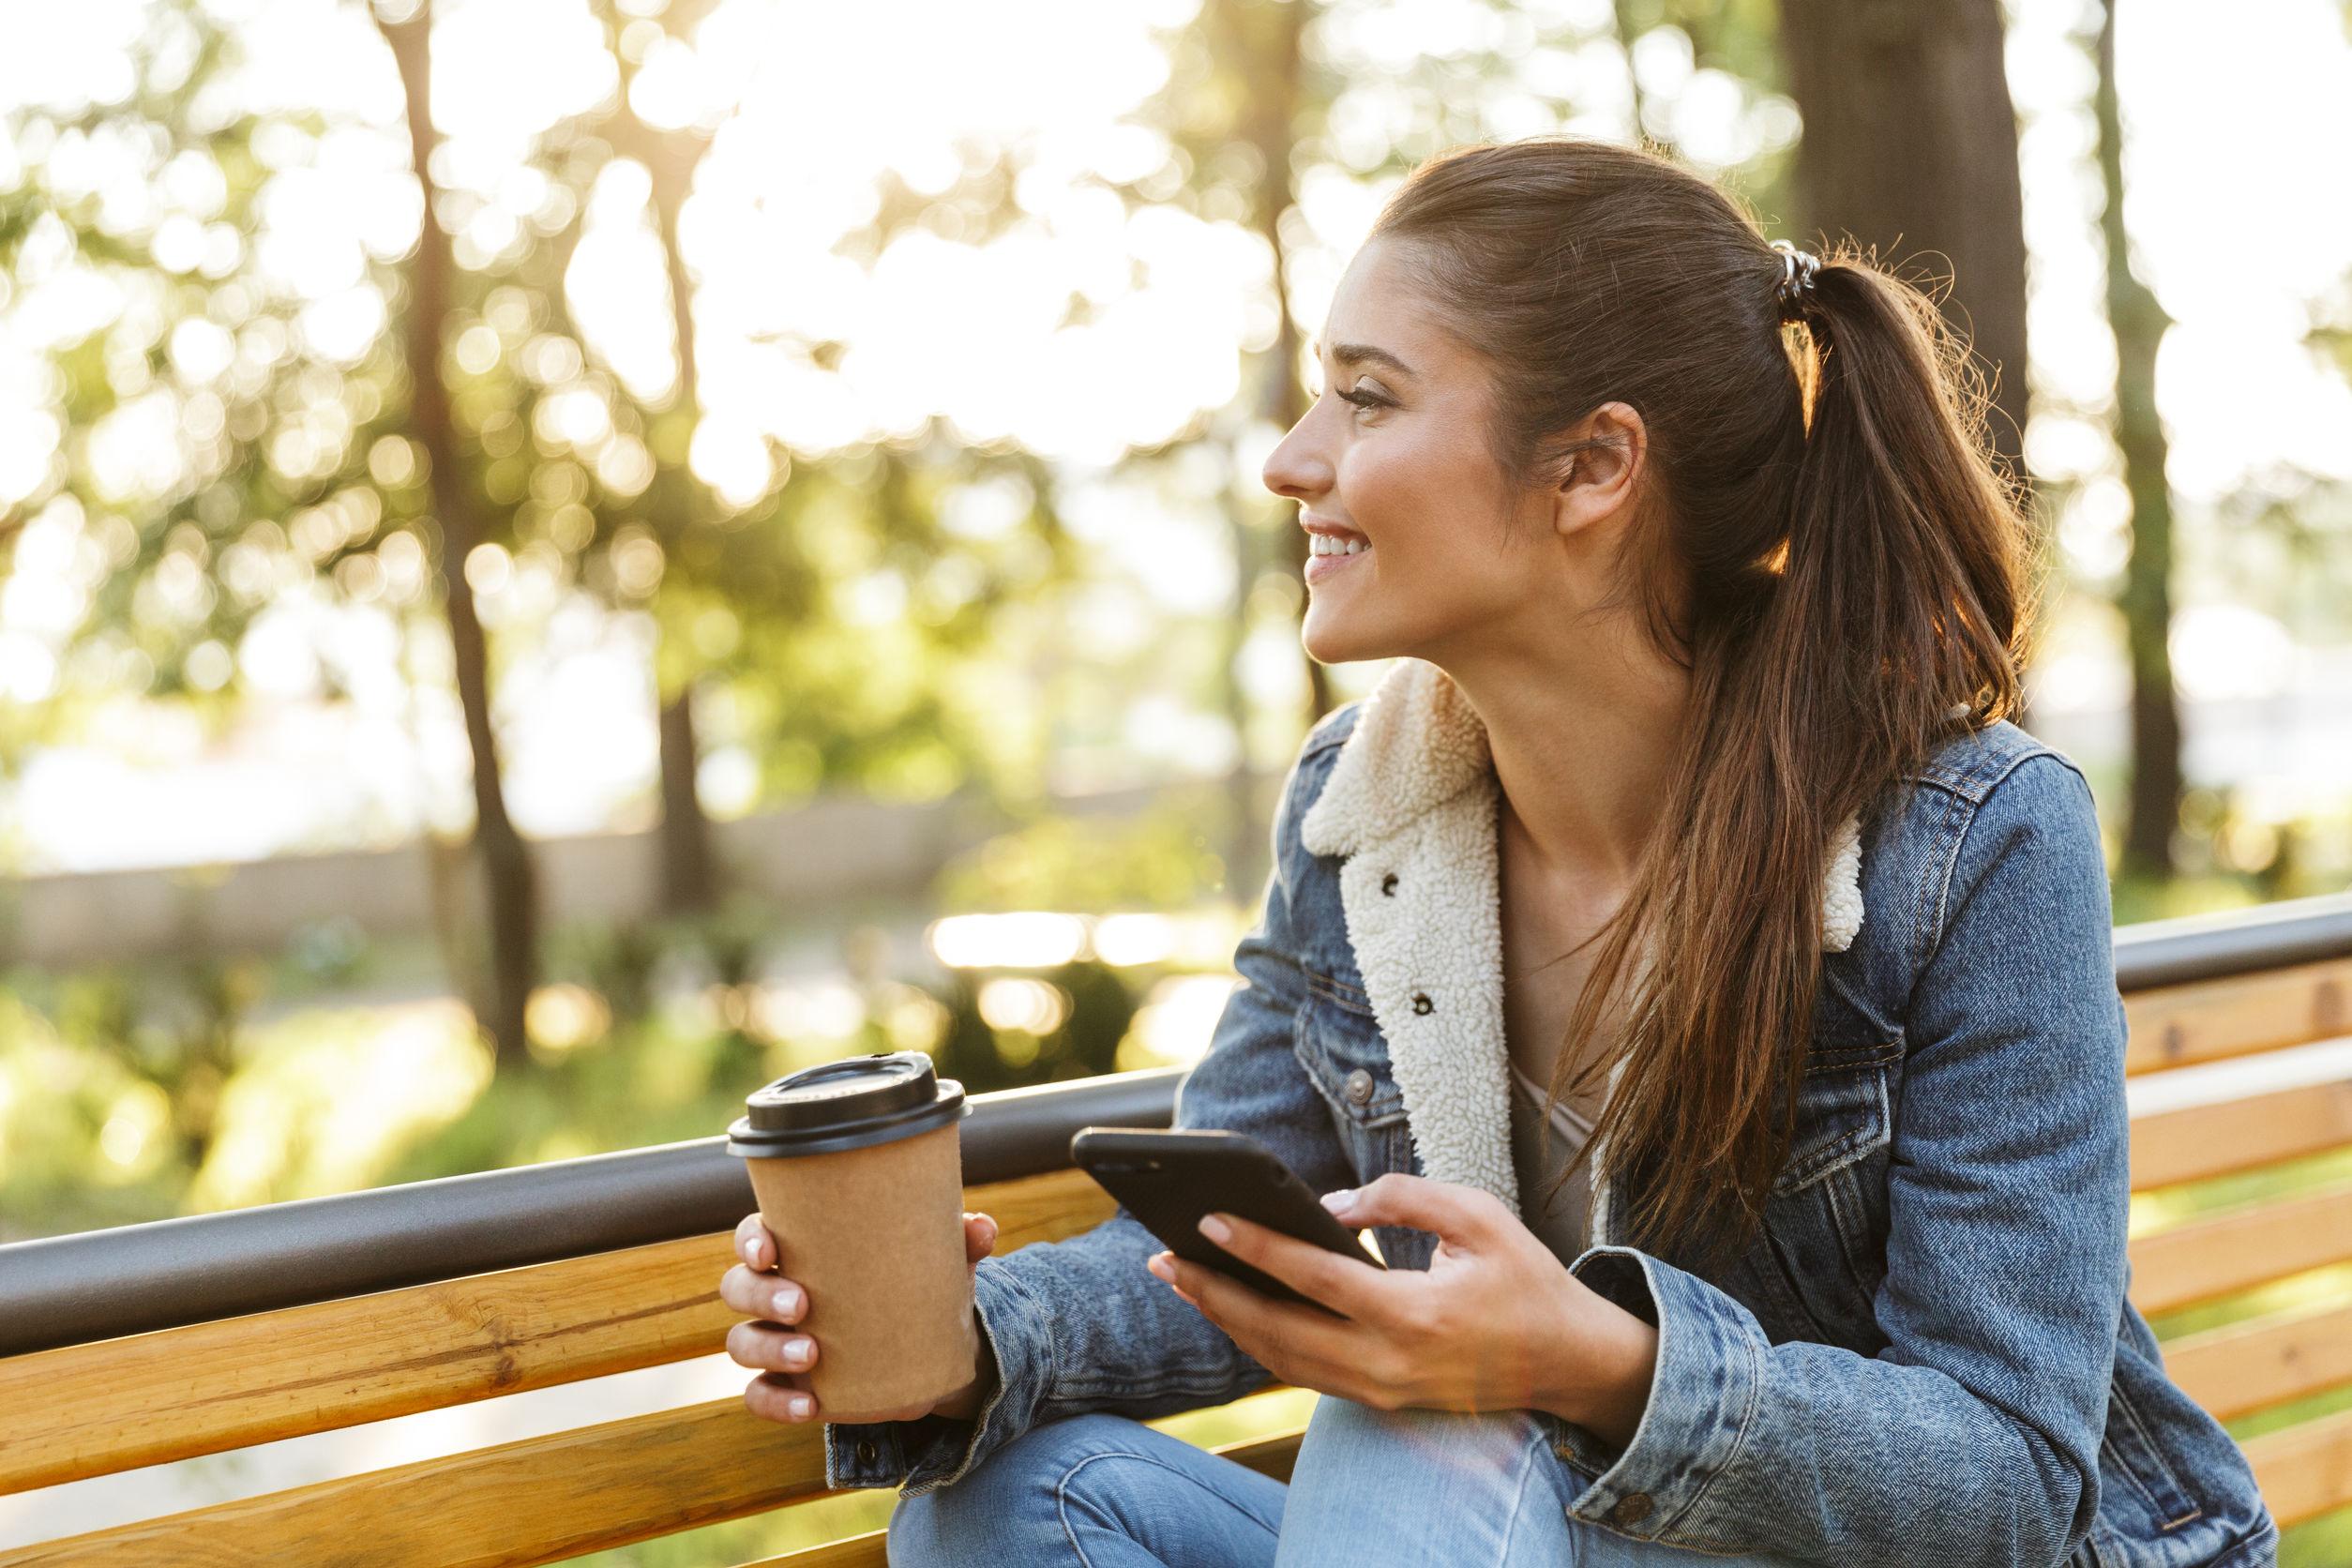 Mujer sonriente vistiendo chaqueta sentado en un banco en el parque sosteniendo un teléfono móvil, bebiendo café